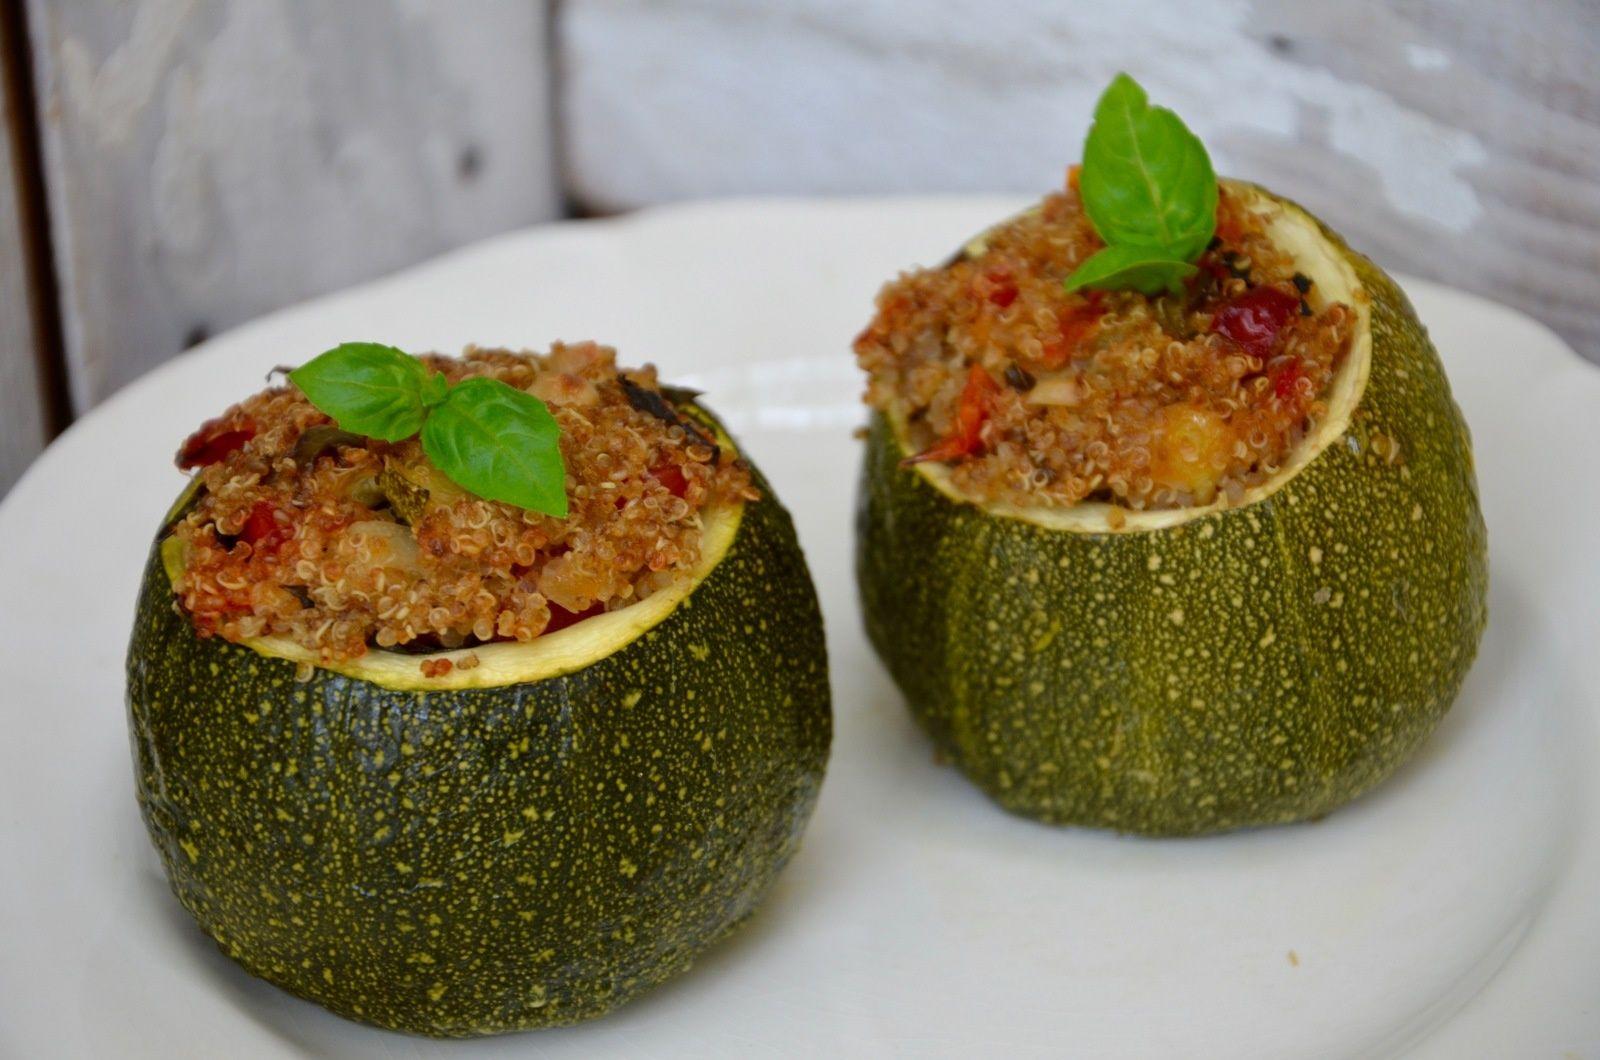 Courgettes farcies au quinoa et aux légumes | Courgettes ...